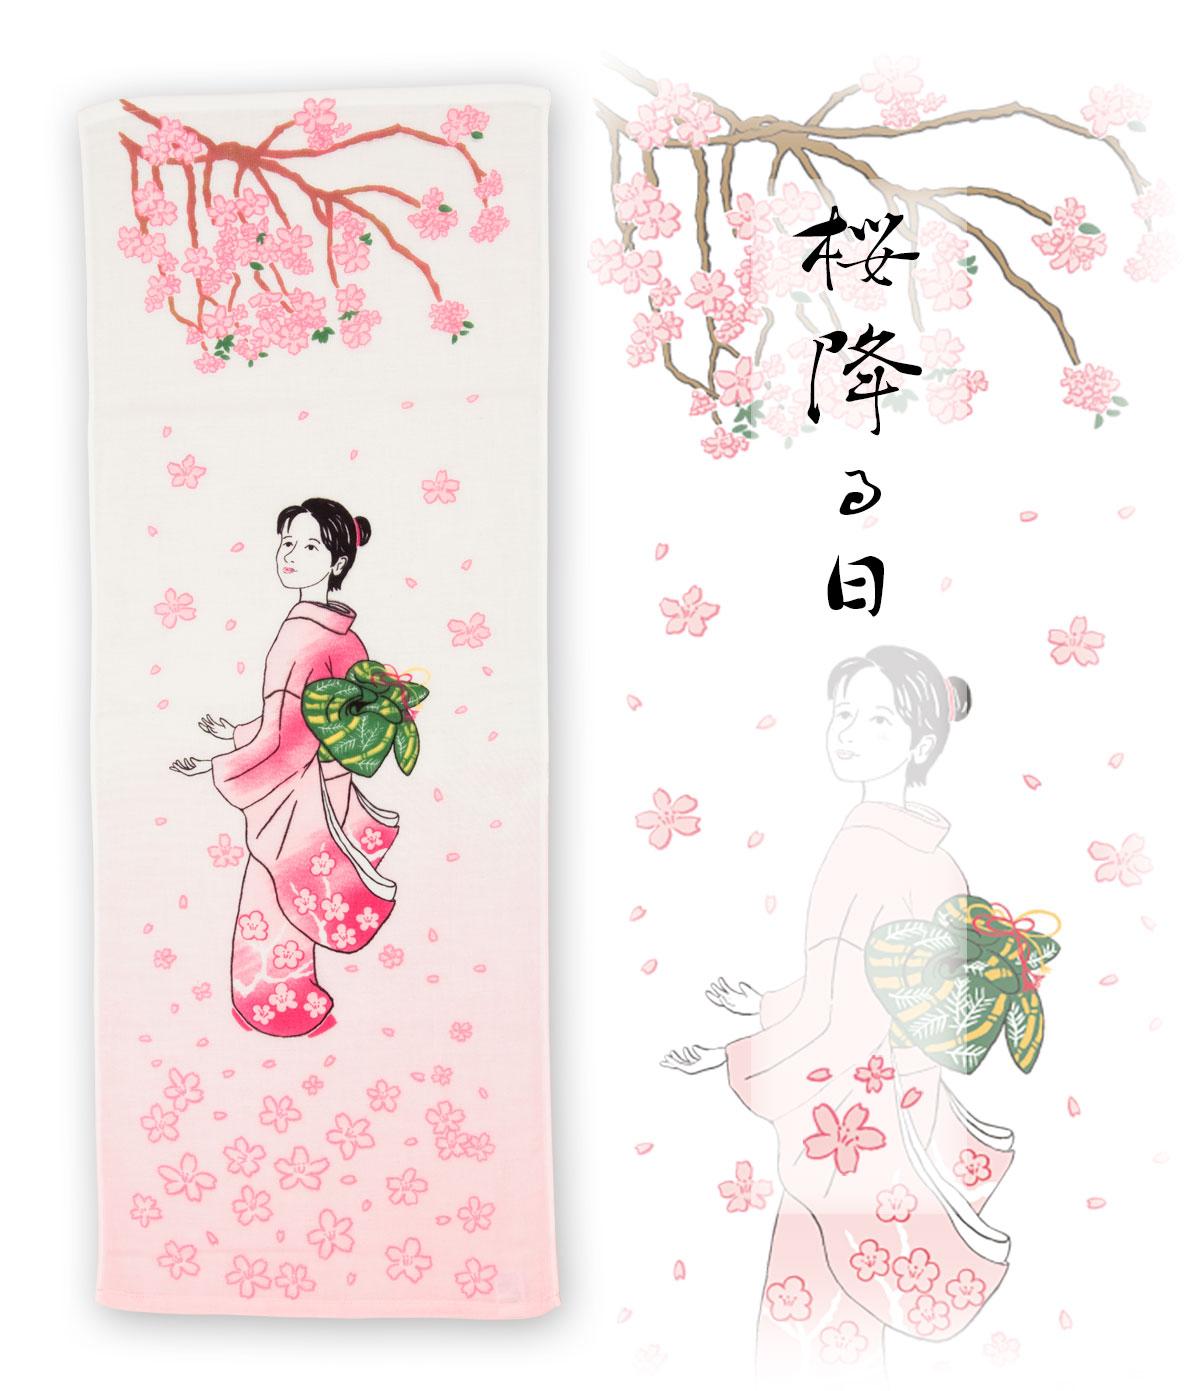 ガーゼタオル 桜降る日 日本女性